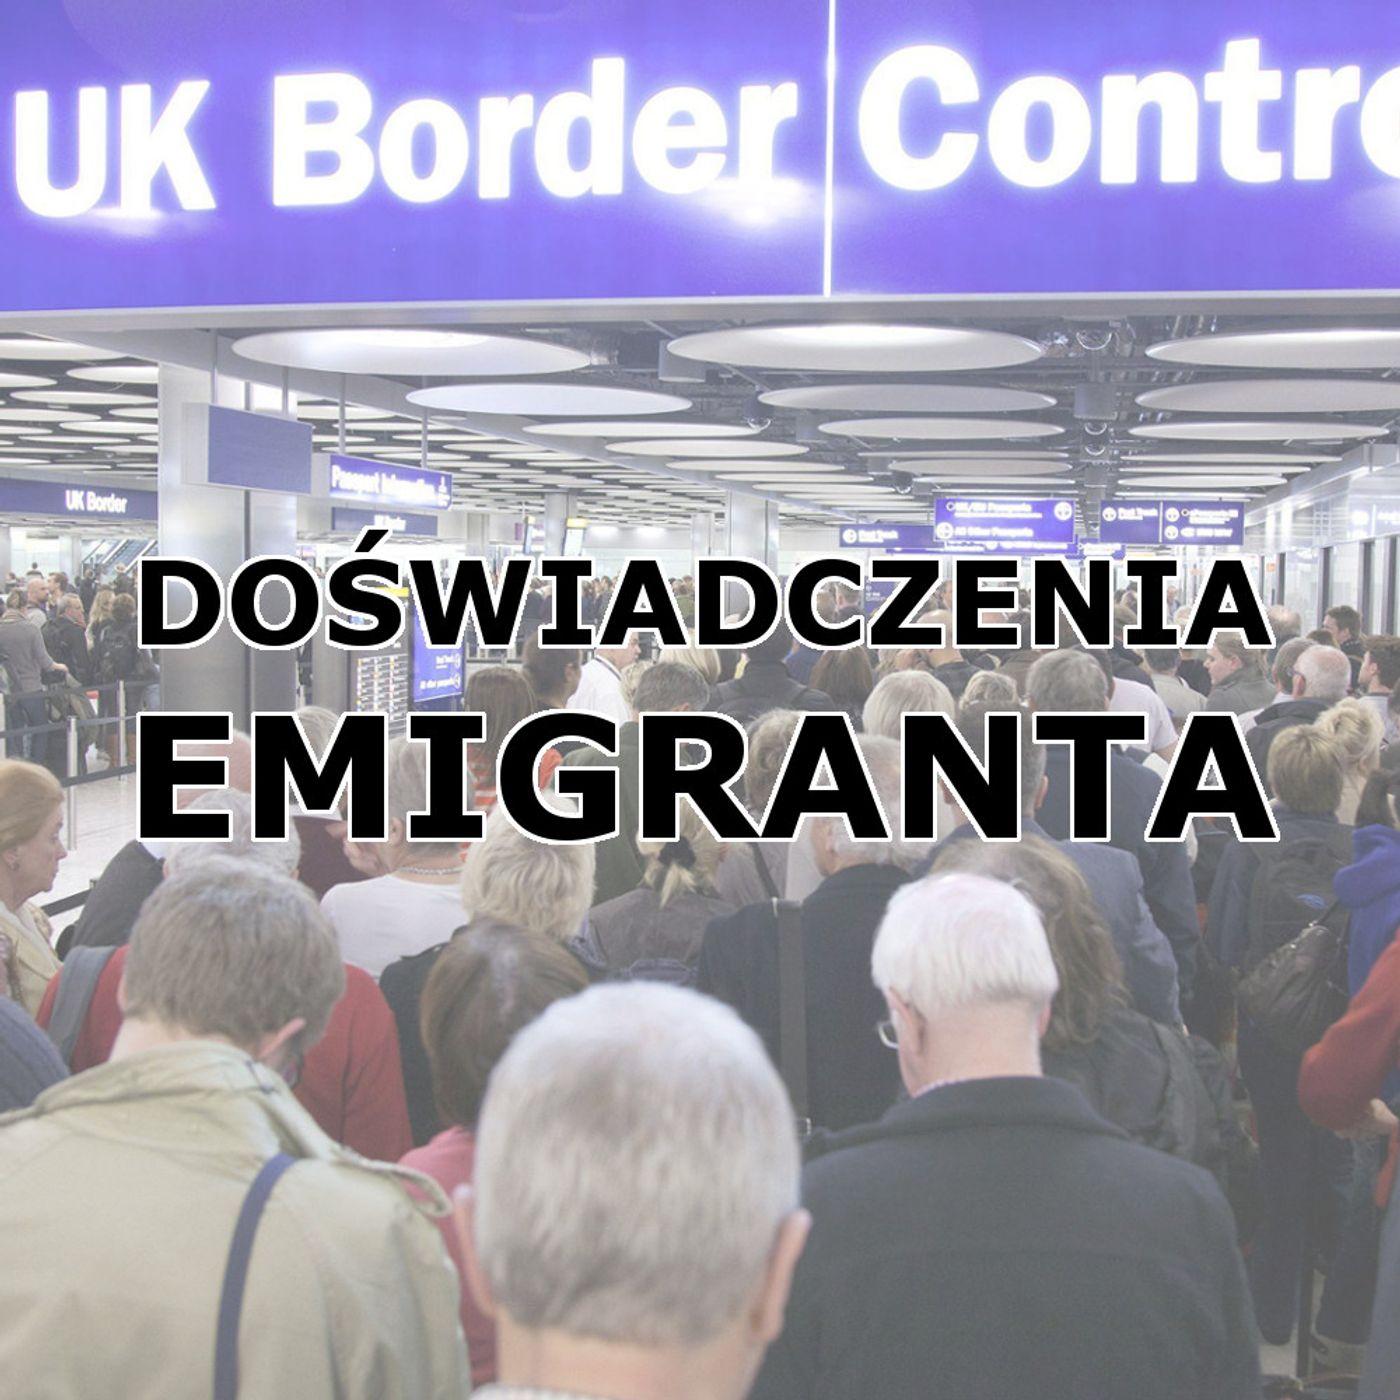 Doświadczenia emigranta